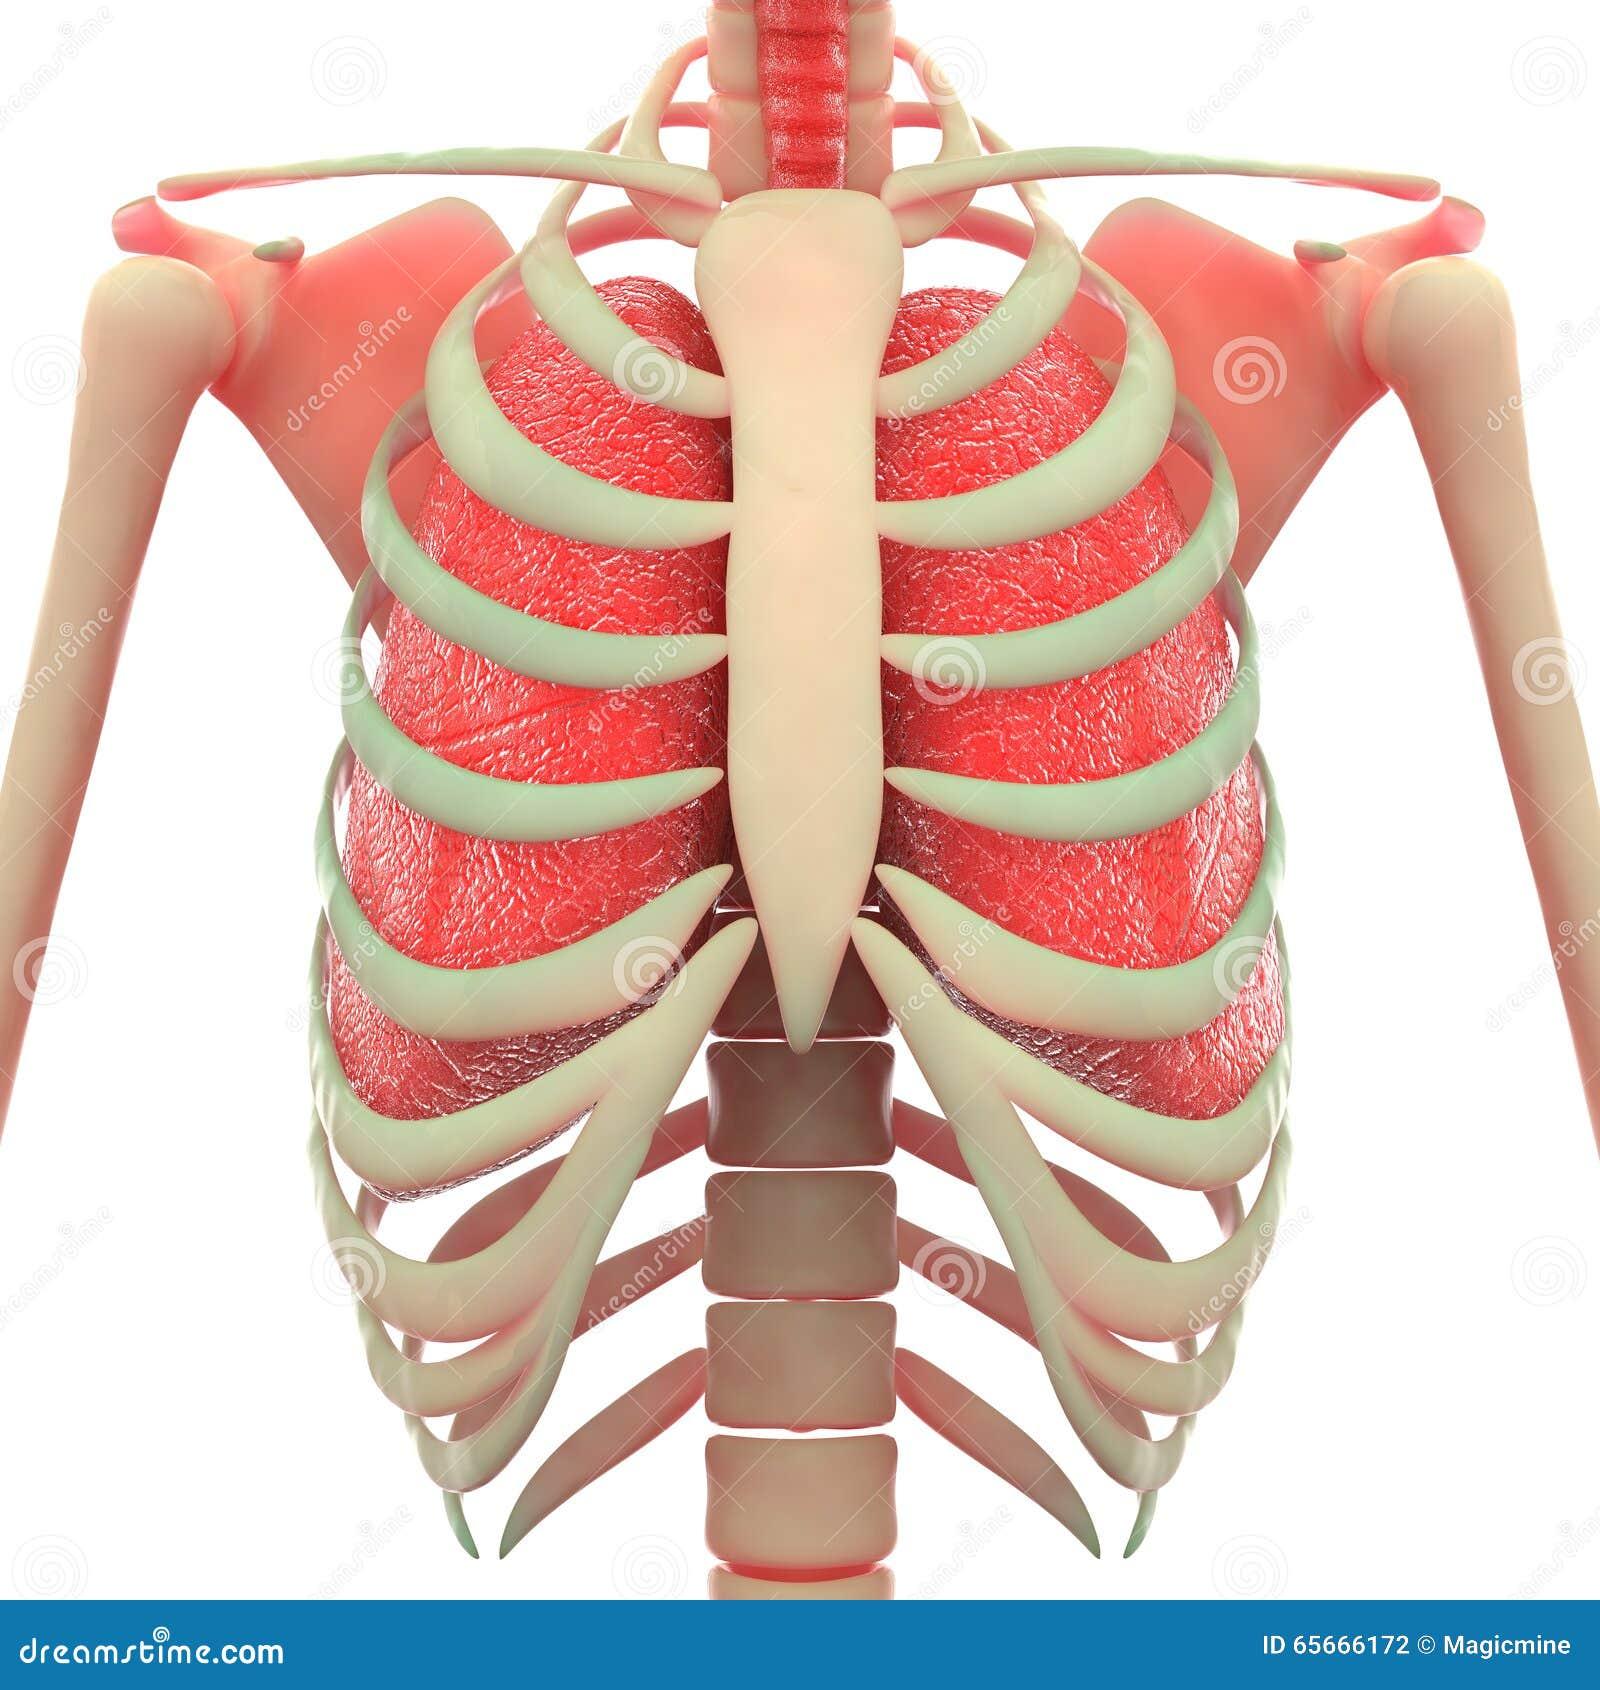 pijn in het borstbeen